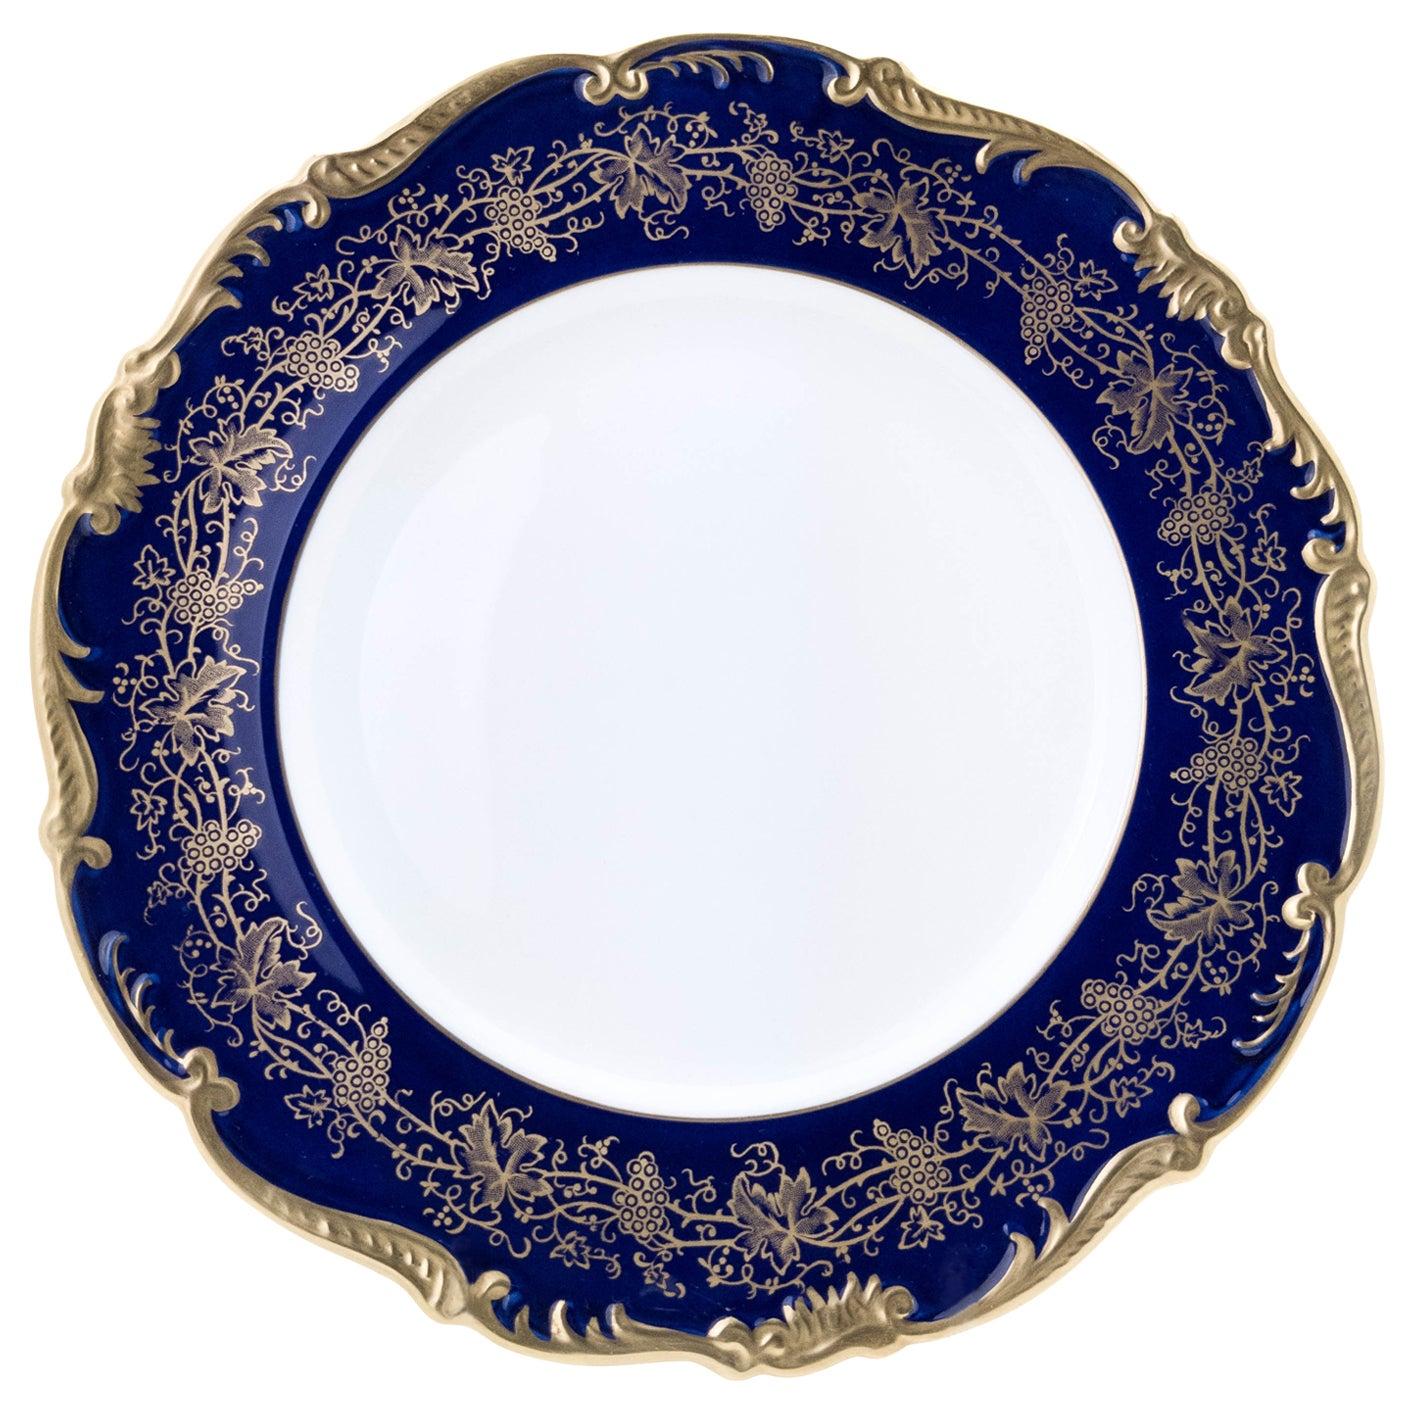 12 Vintage Cobalt Blue Dinner Plates by Coalport England, Great Shape